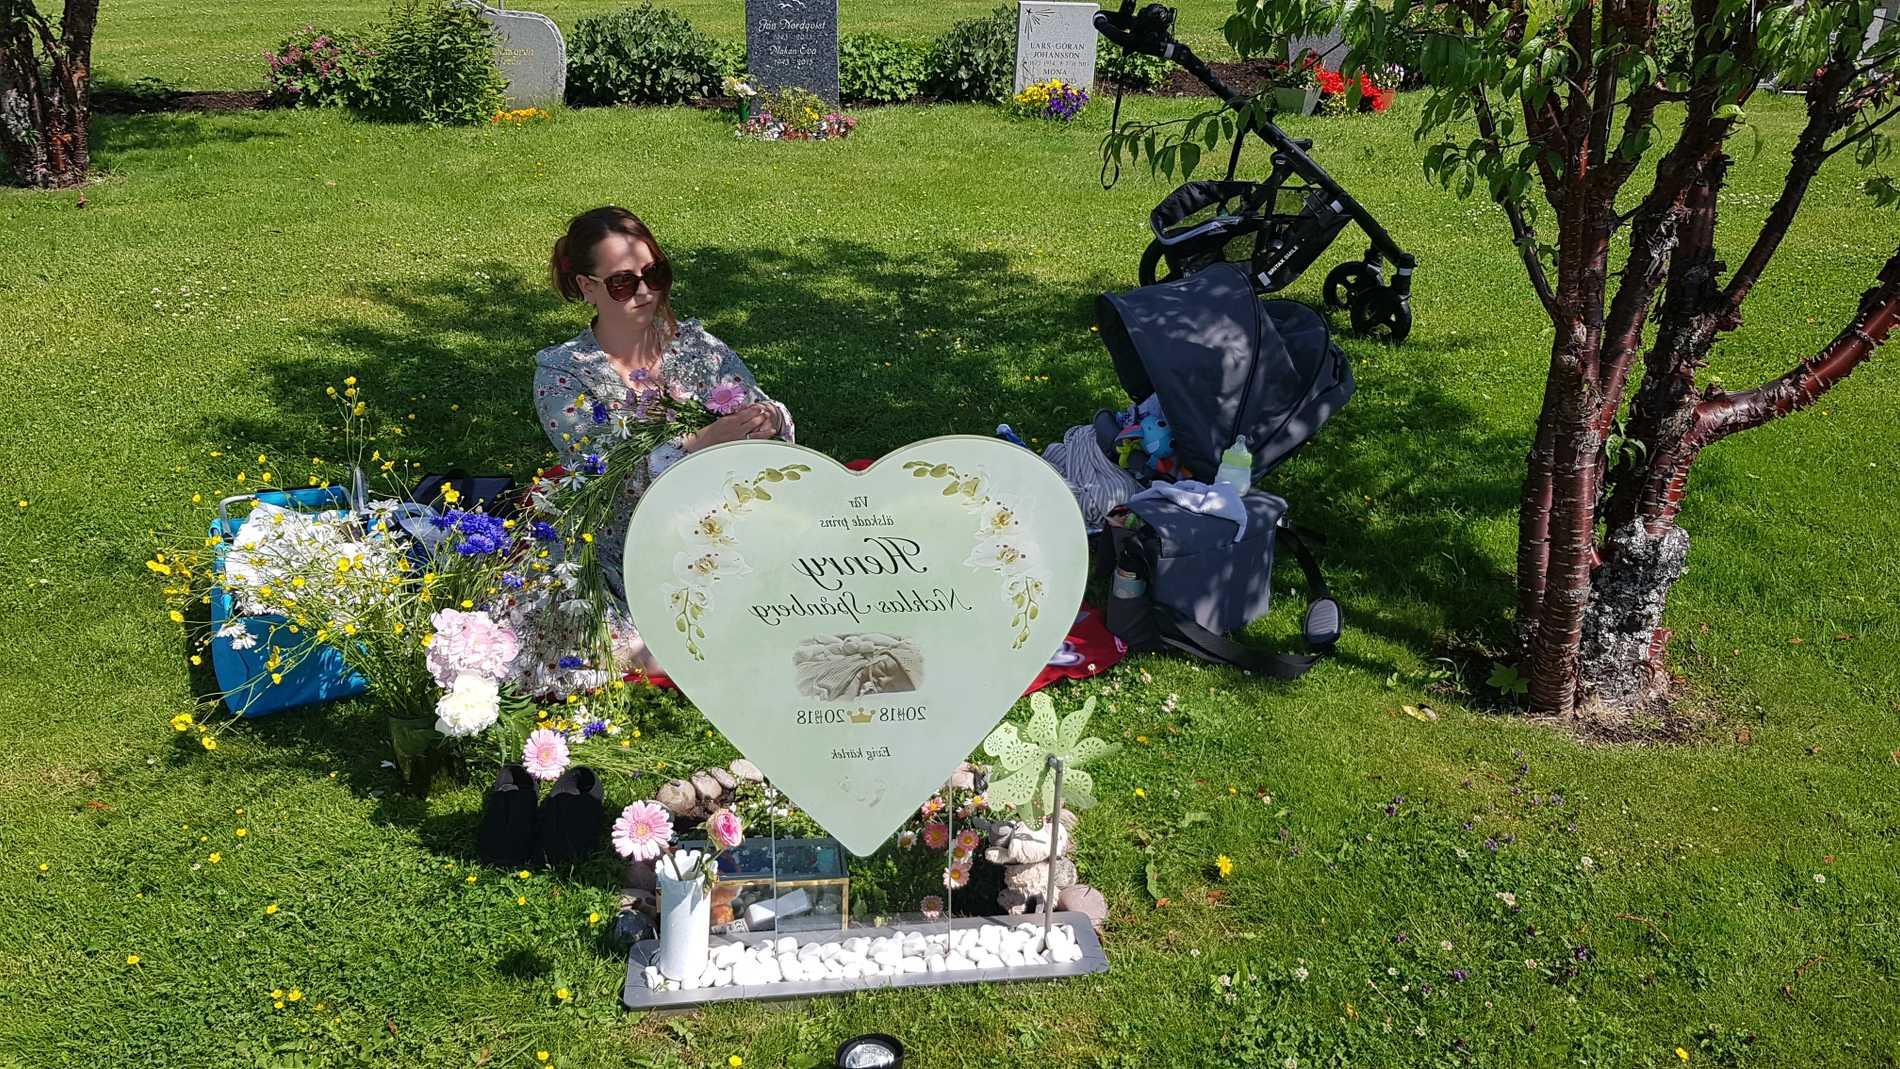 Tove och Nicklas firade midsommar vid Henrys grav.